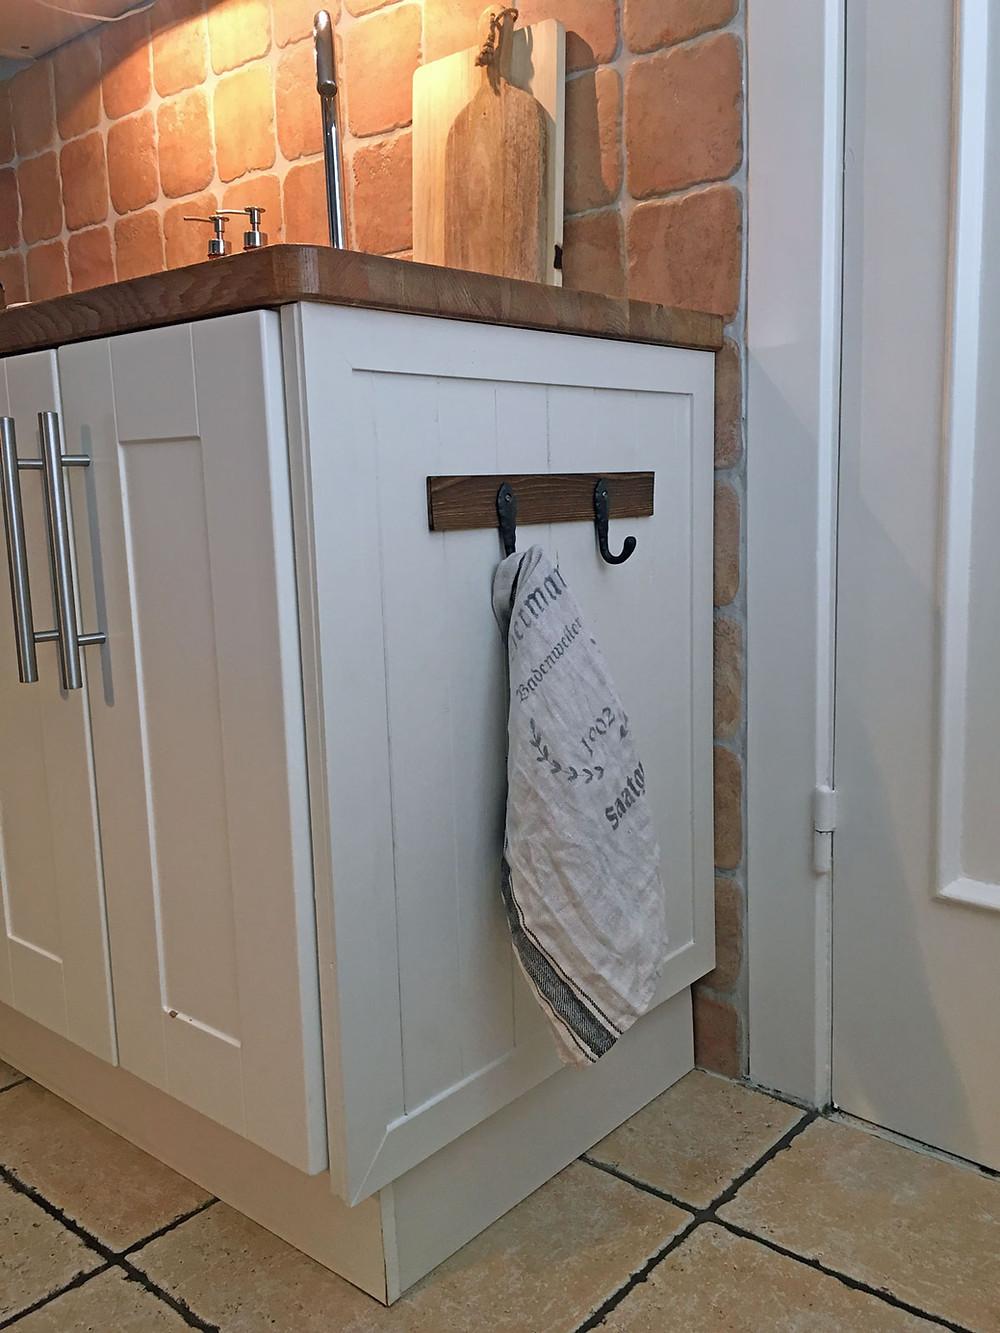 Küchenblock selber aufwerten mit Bauanleitung